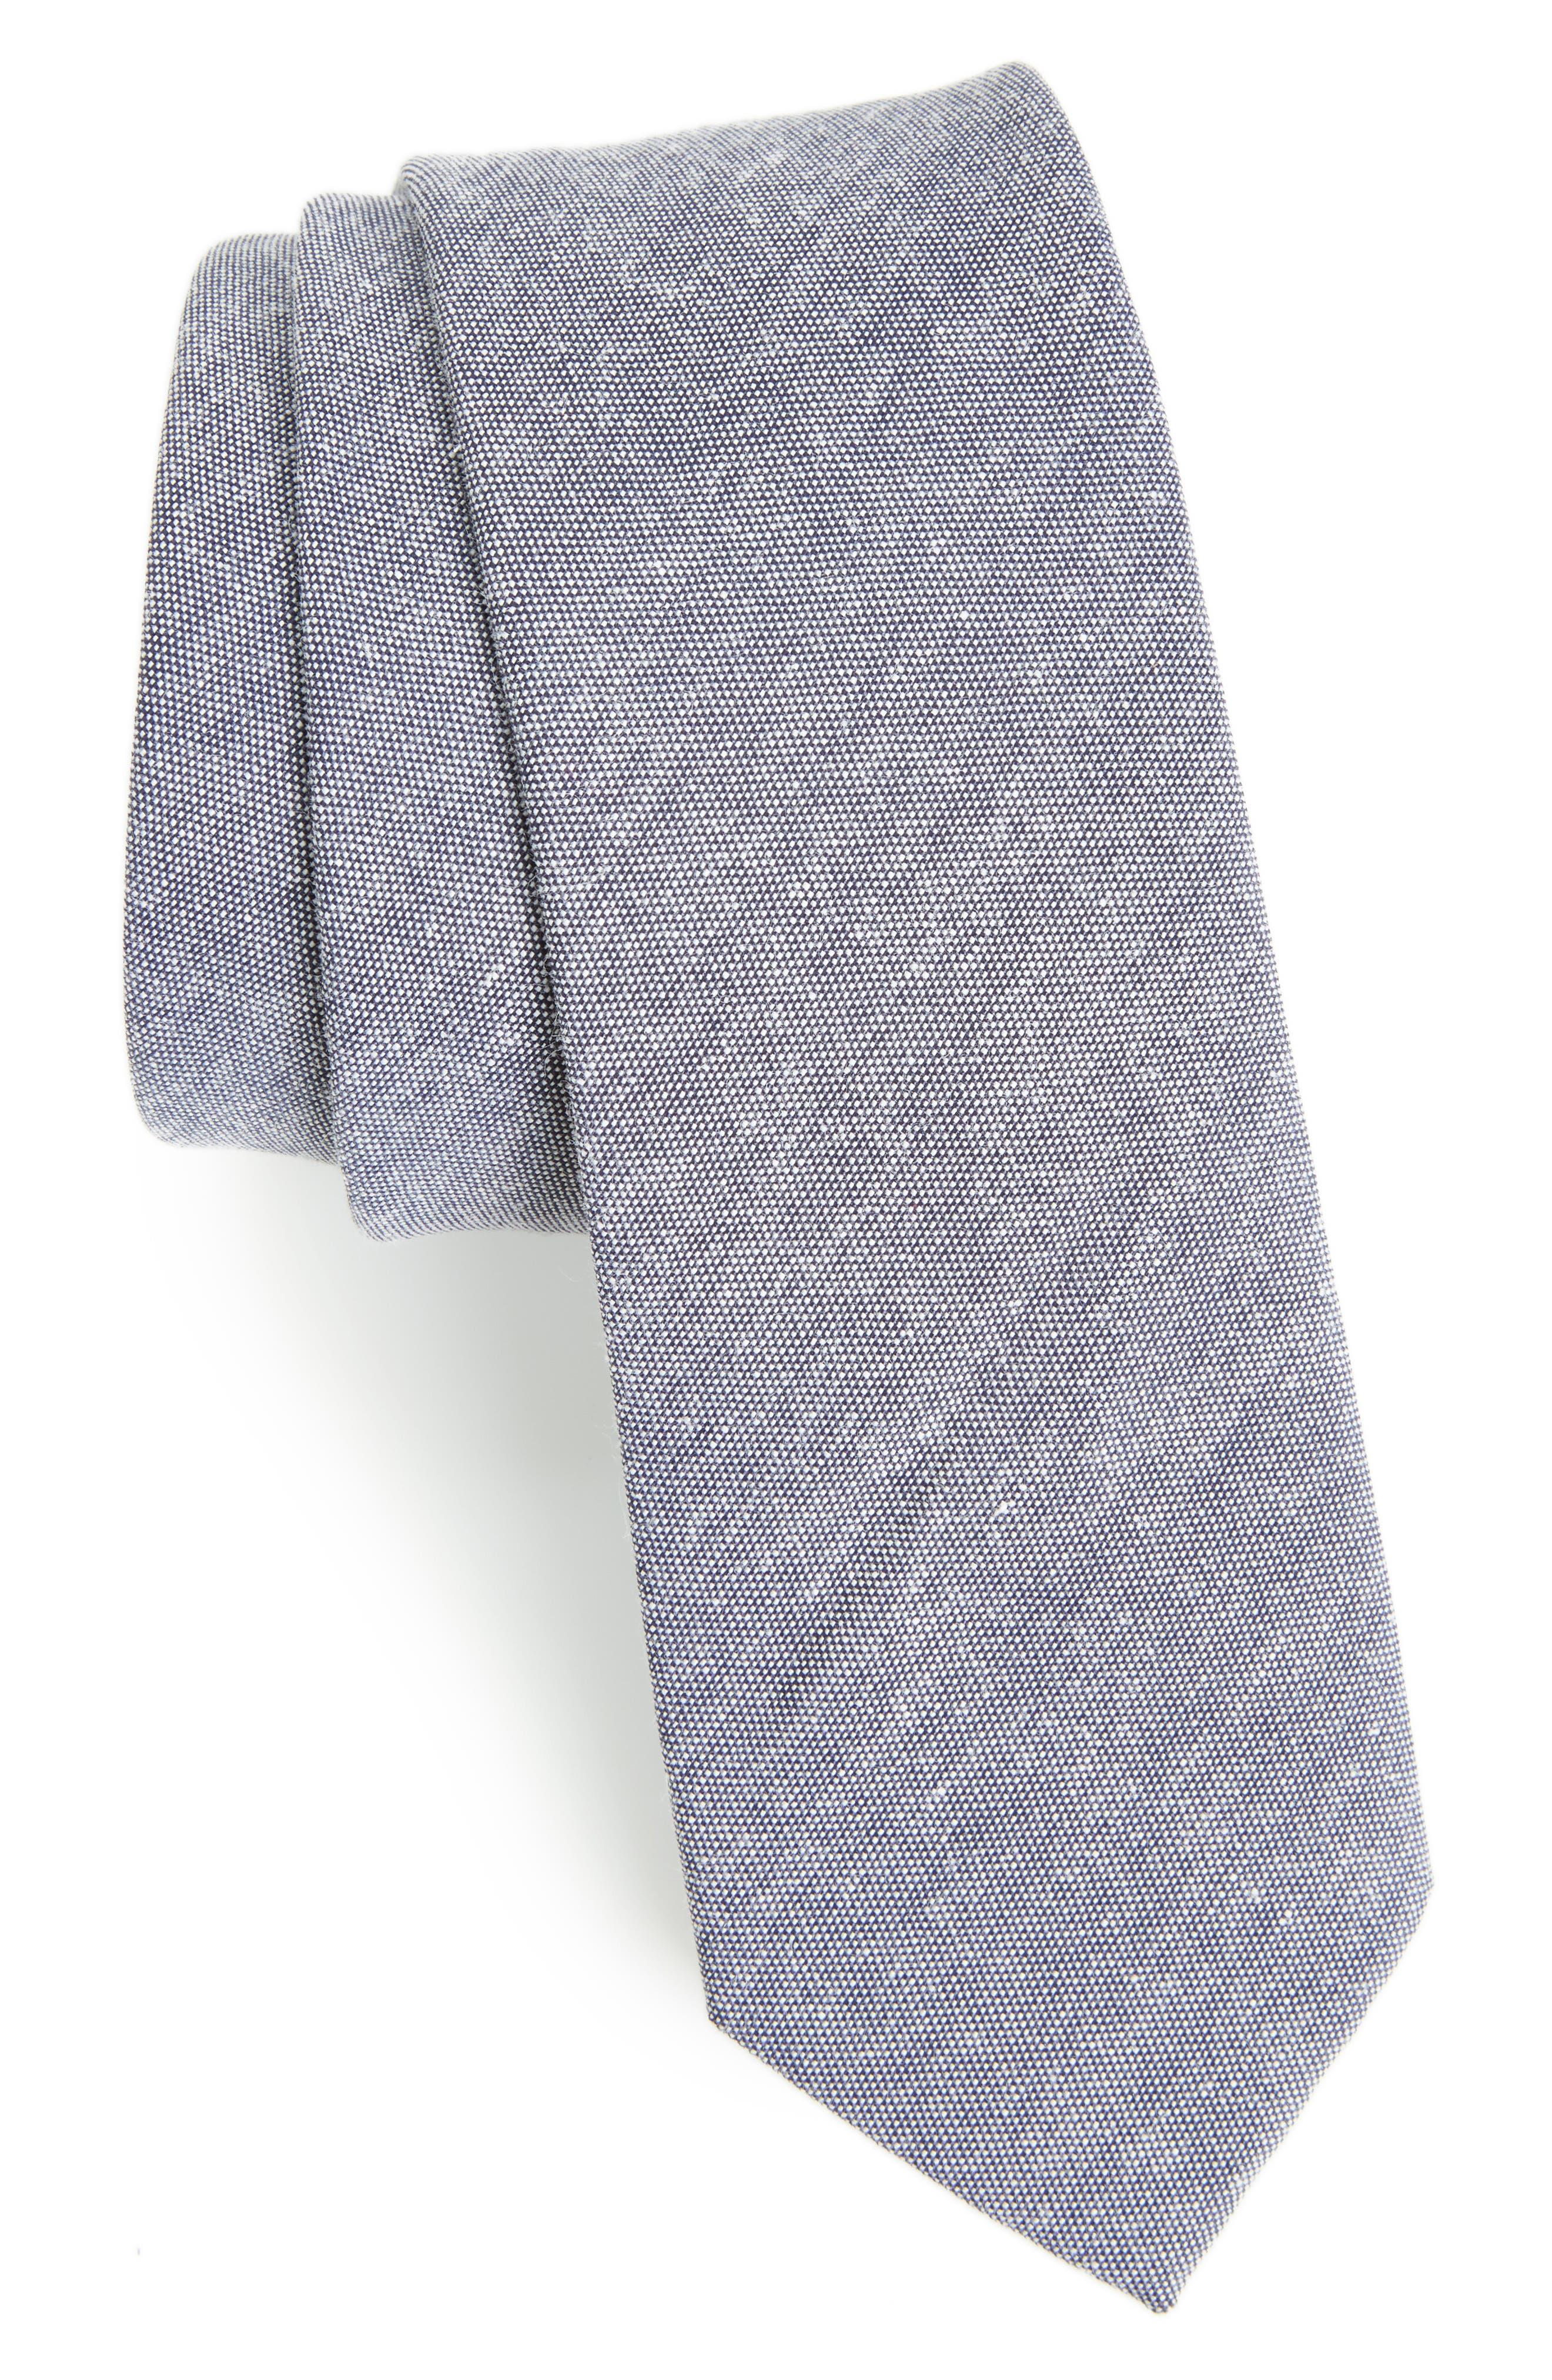 Main Image - 1901 Solid Tie